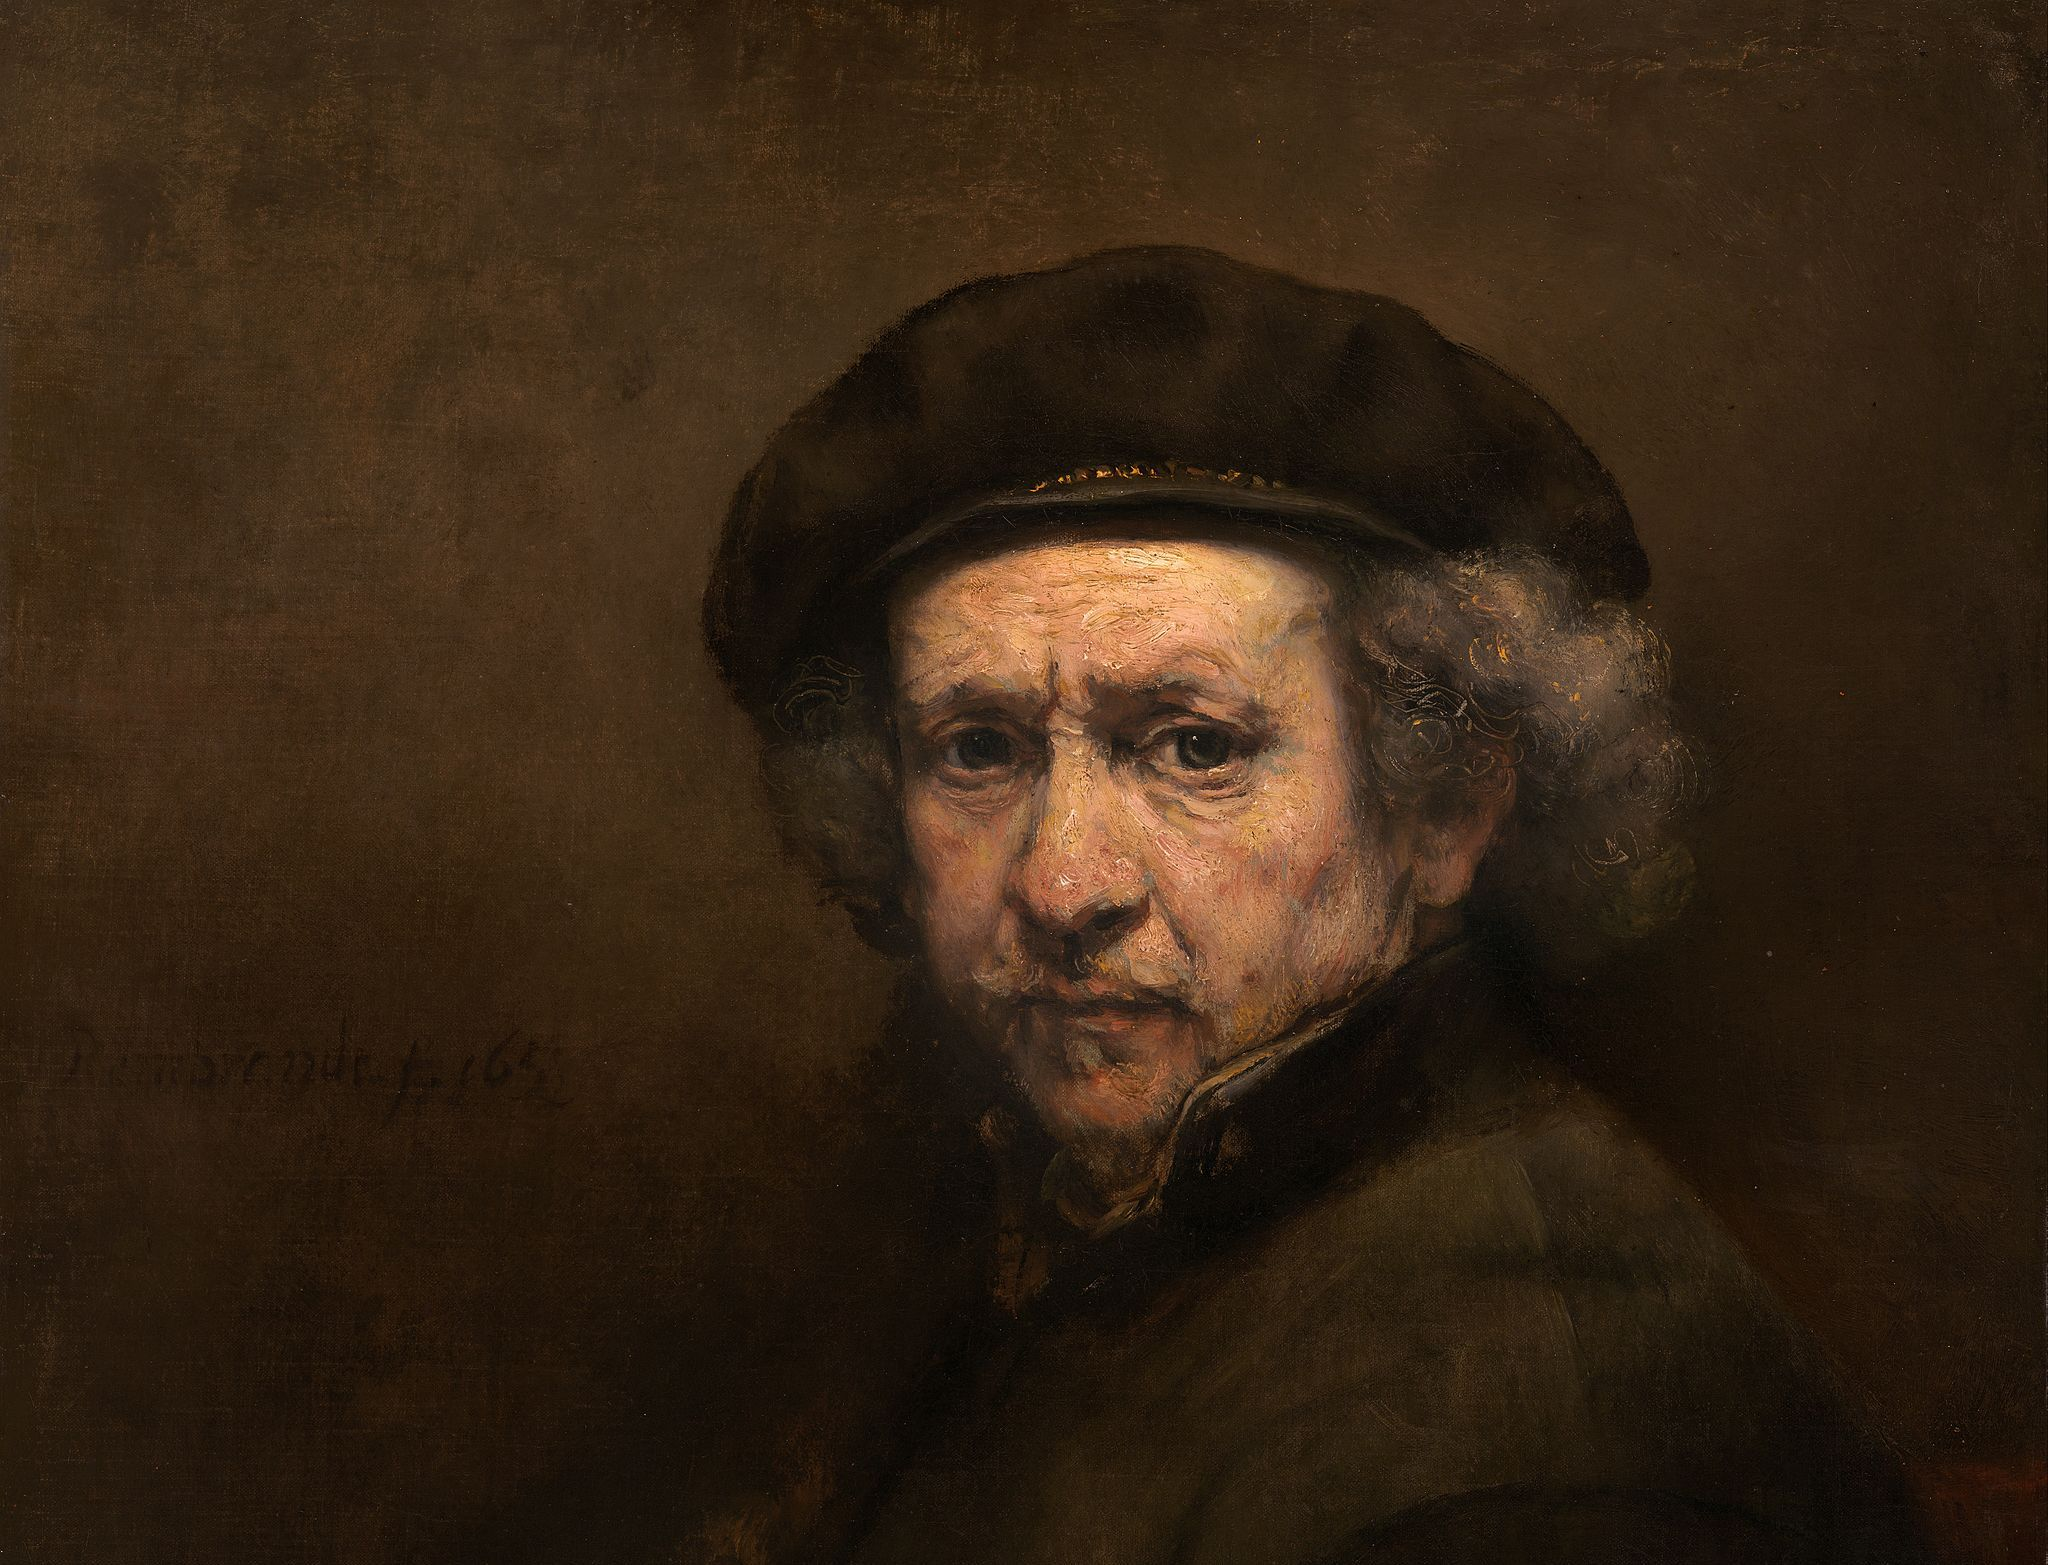 Zelfportret van Rembrandt